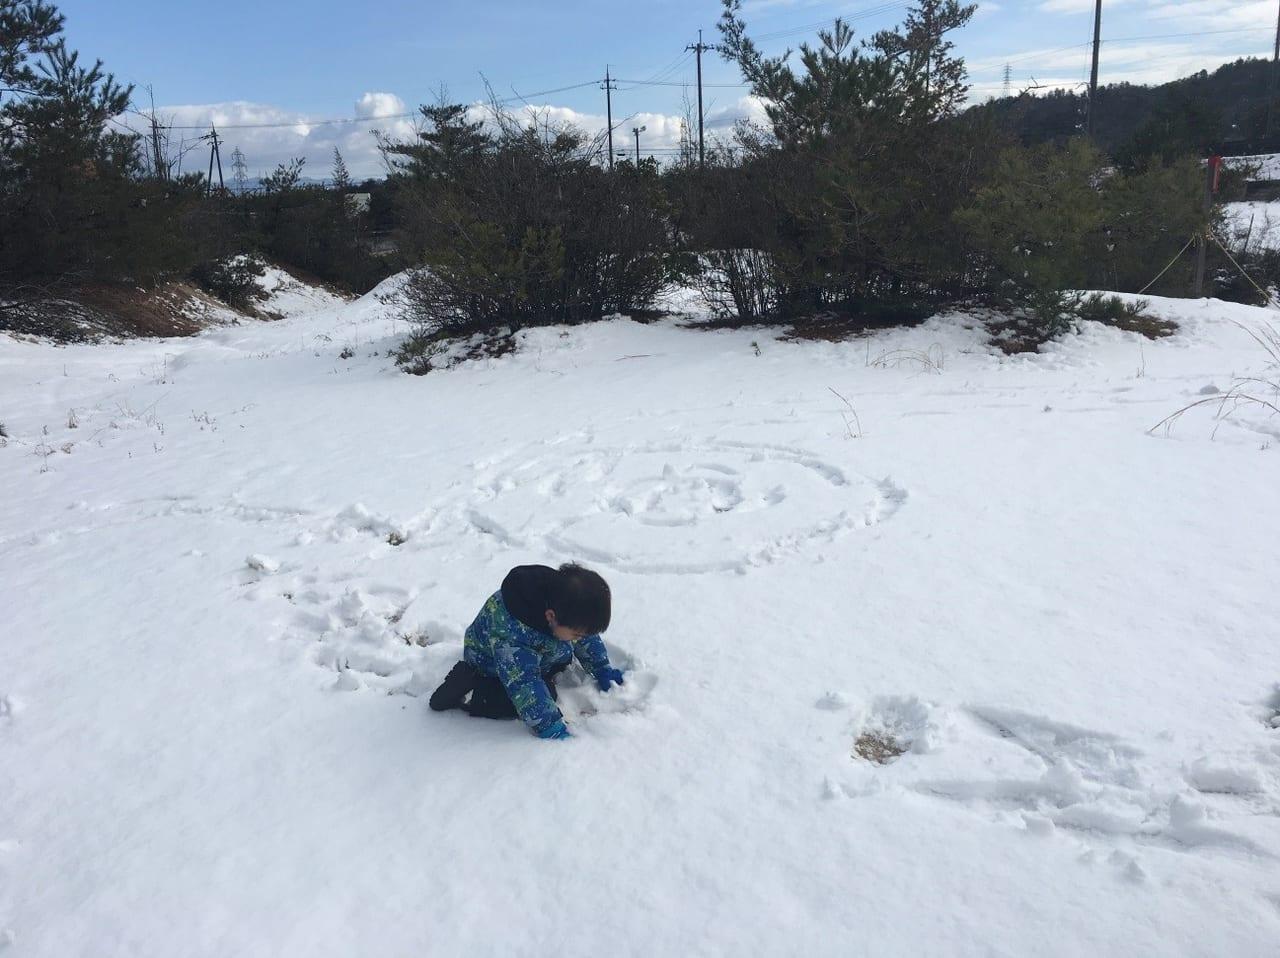 /冬服を着て雪で遊ぶ子供